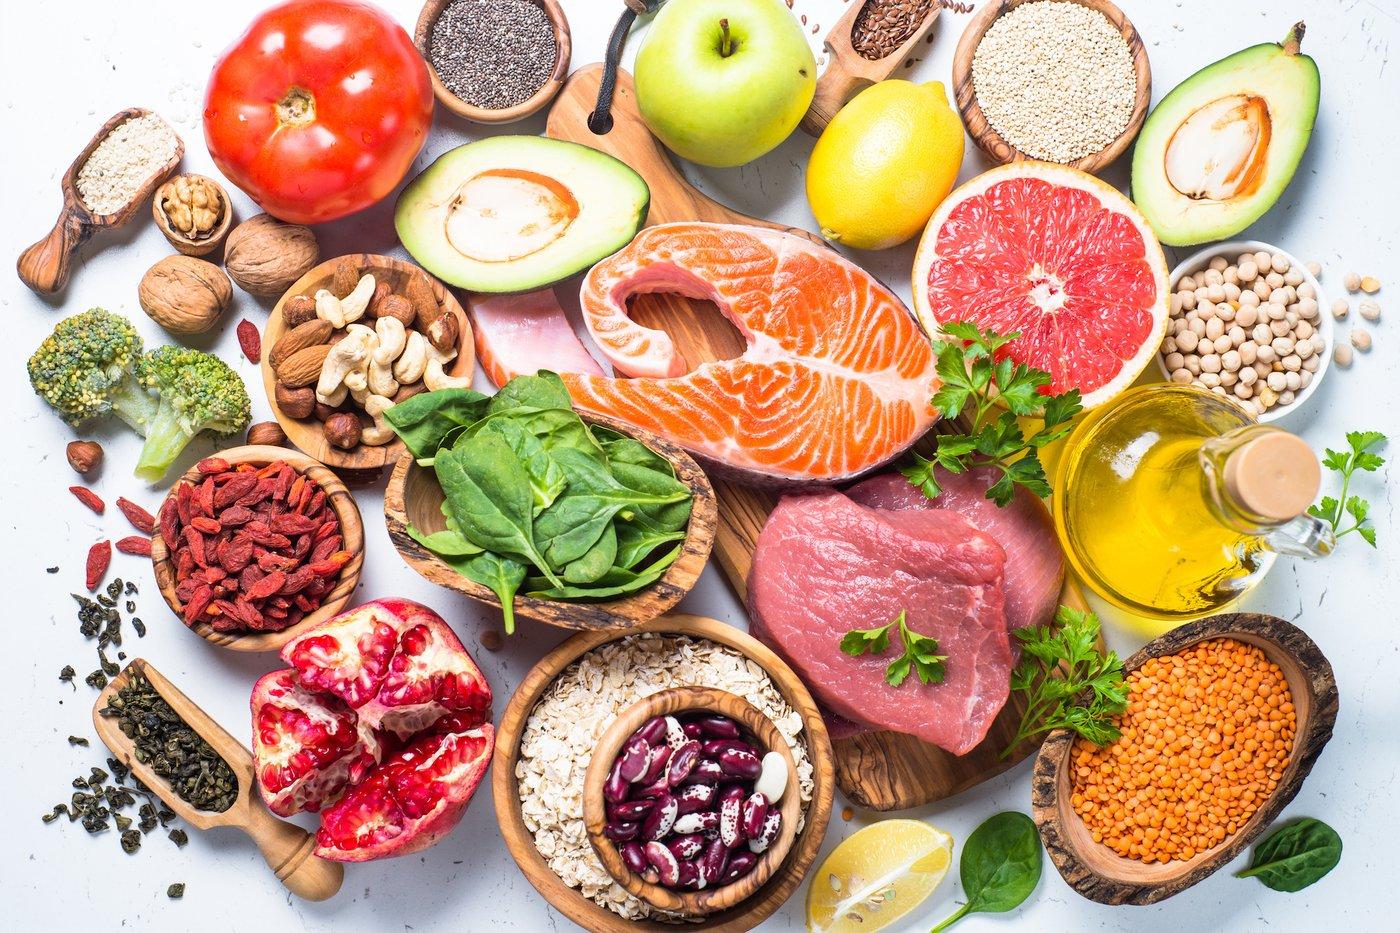 أطعمة غنية بالسعرات الحرارية والبروتين